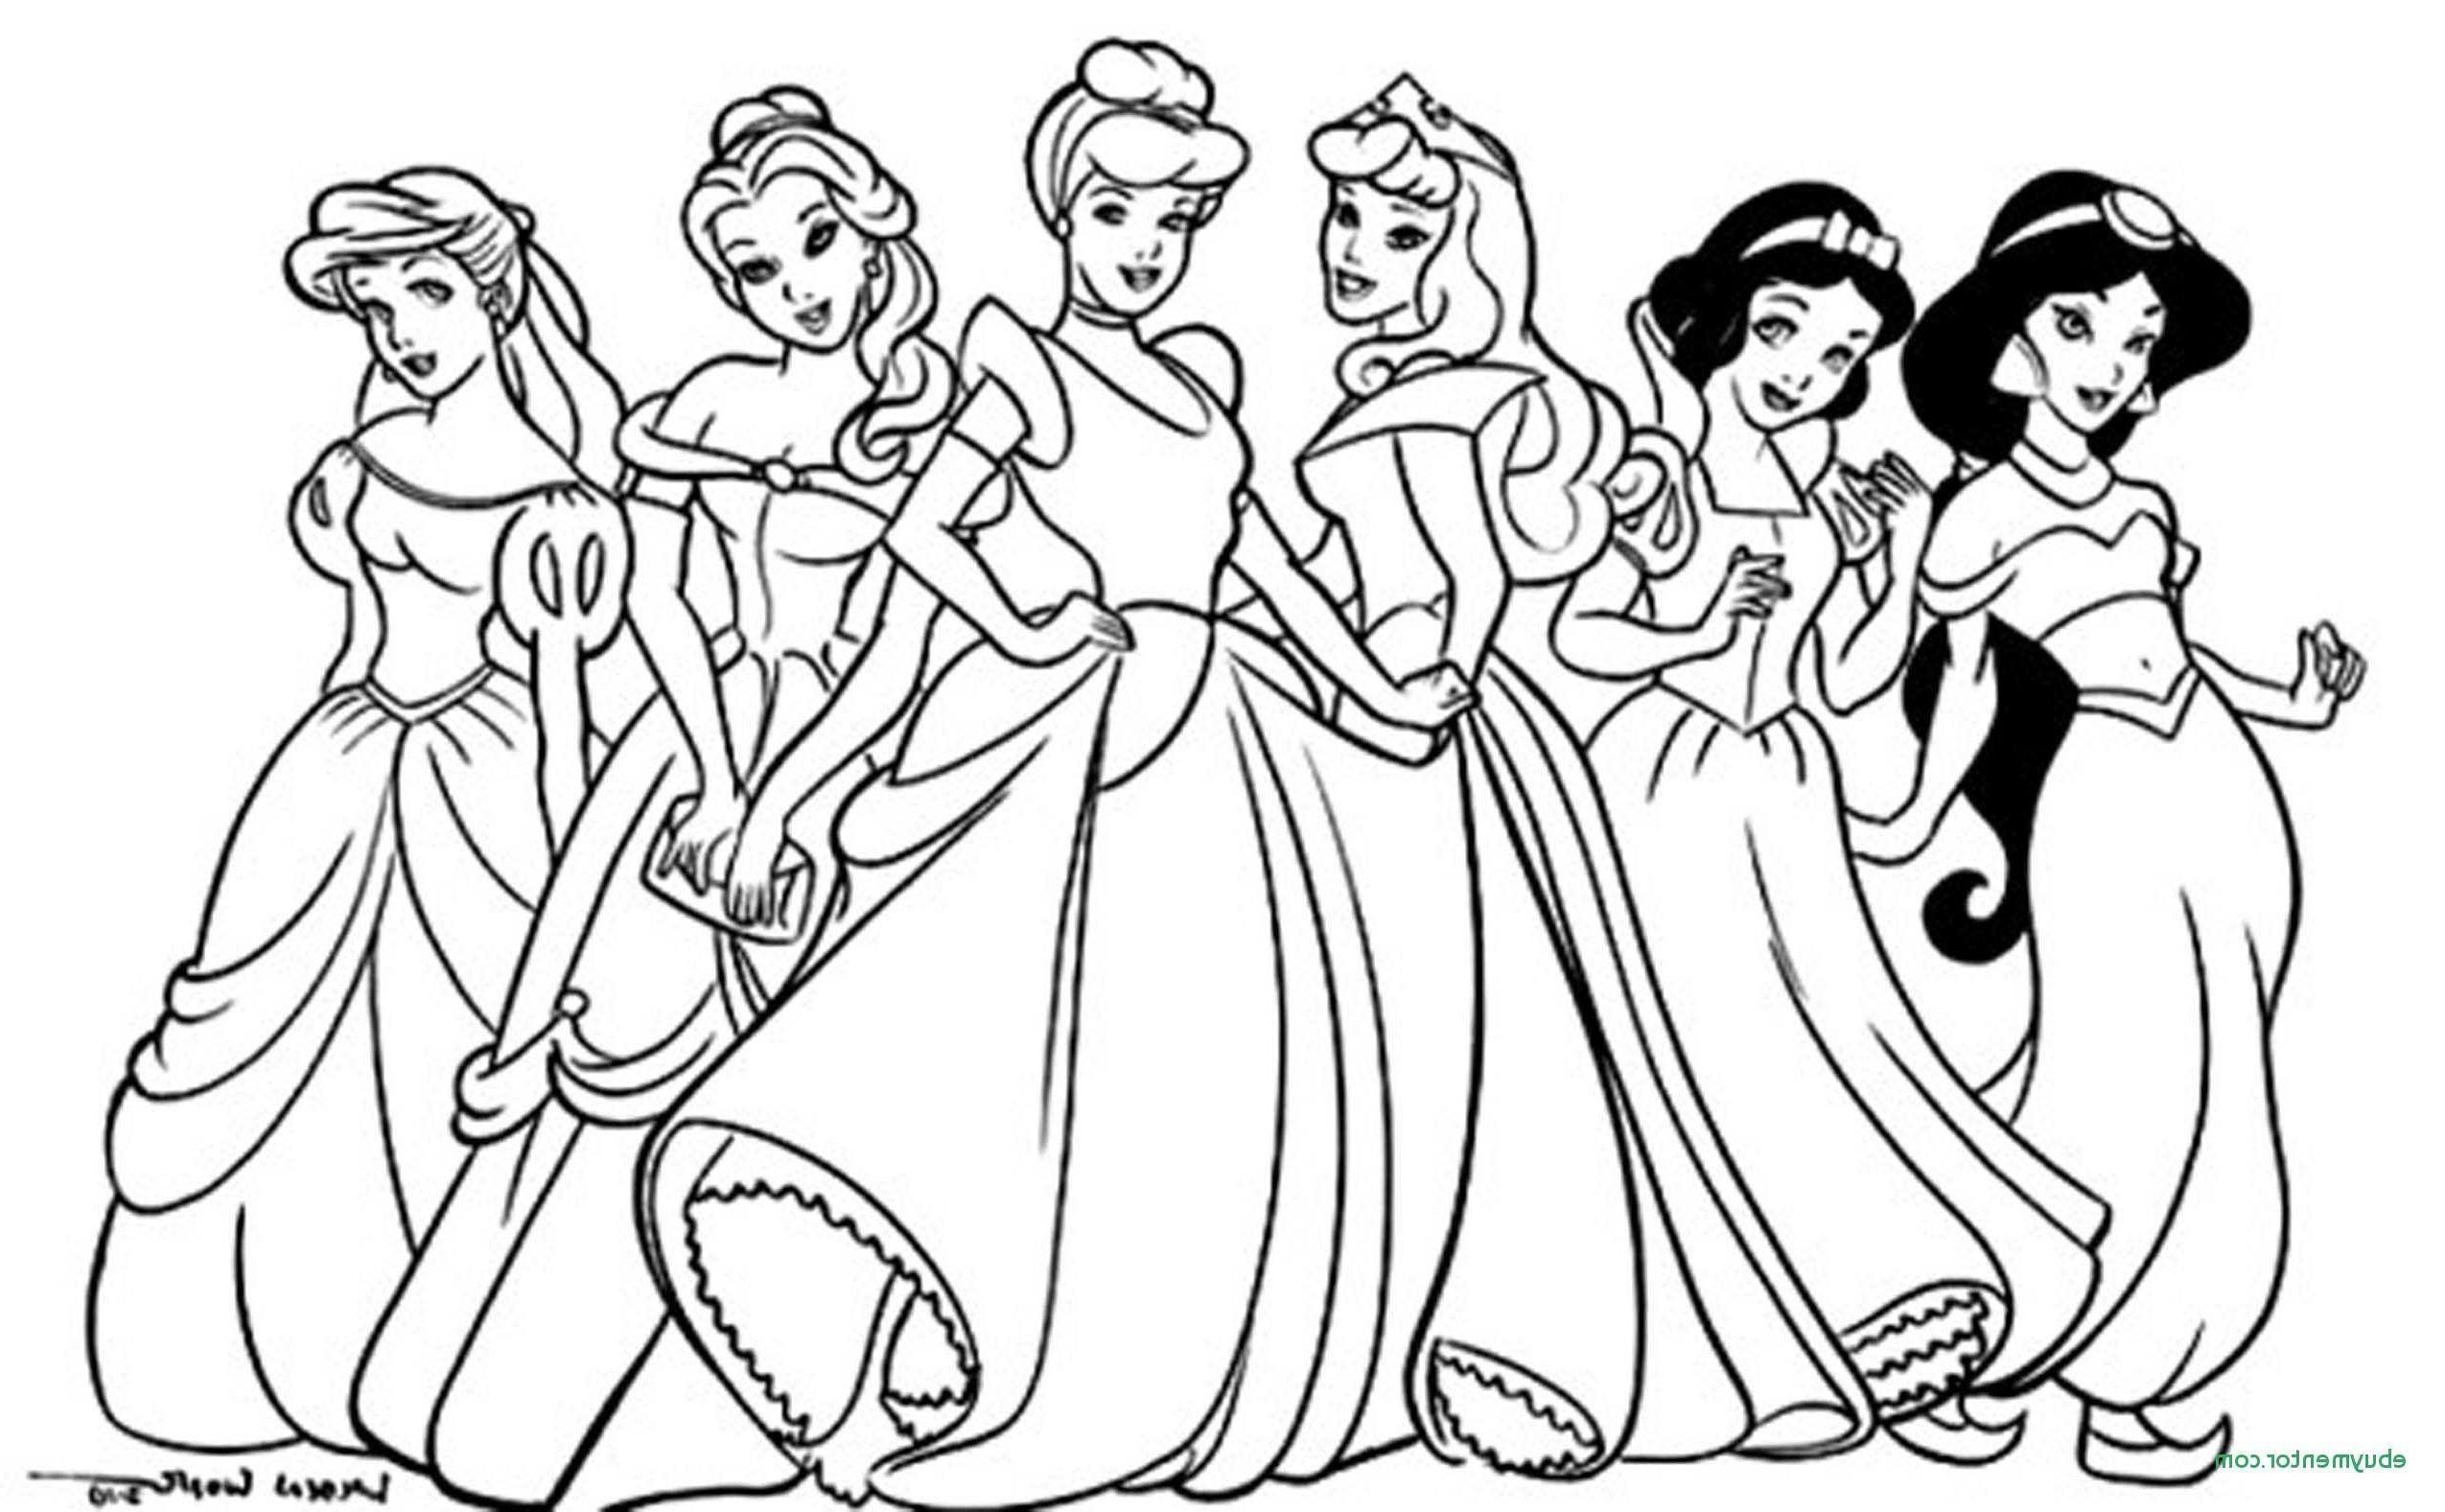 16 Free Printable Disney Princesses Coloring Pages In 2020 Disney Princess Coloring Pages Princess Coloring Disney Princess Colors